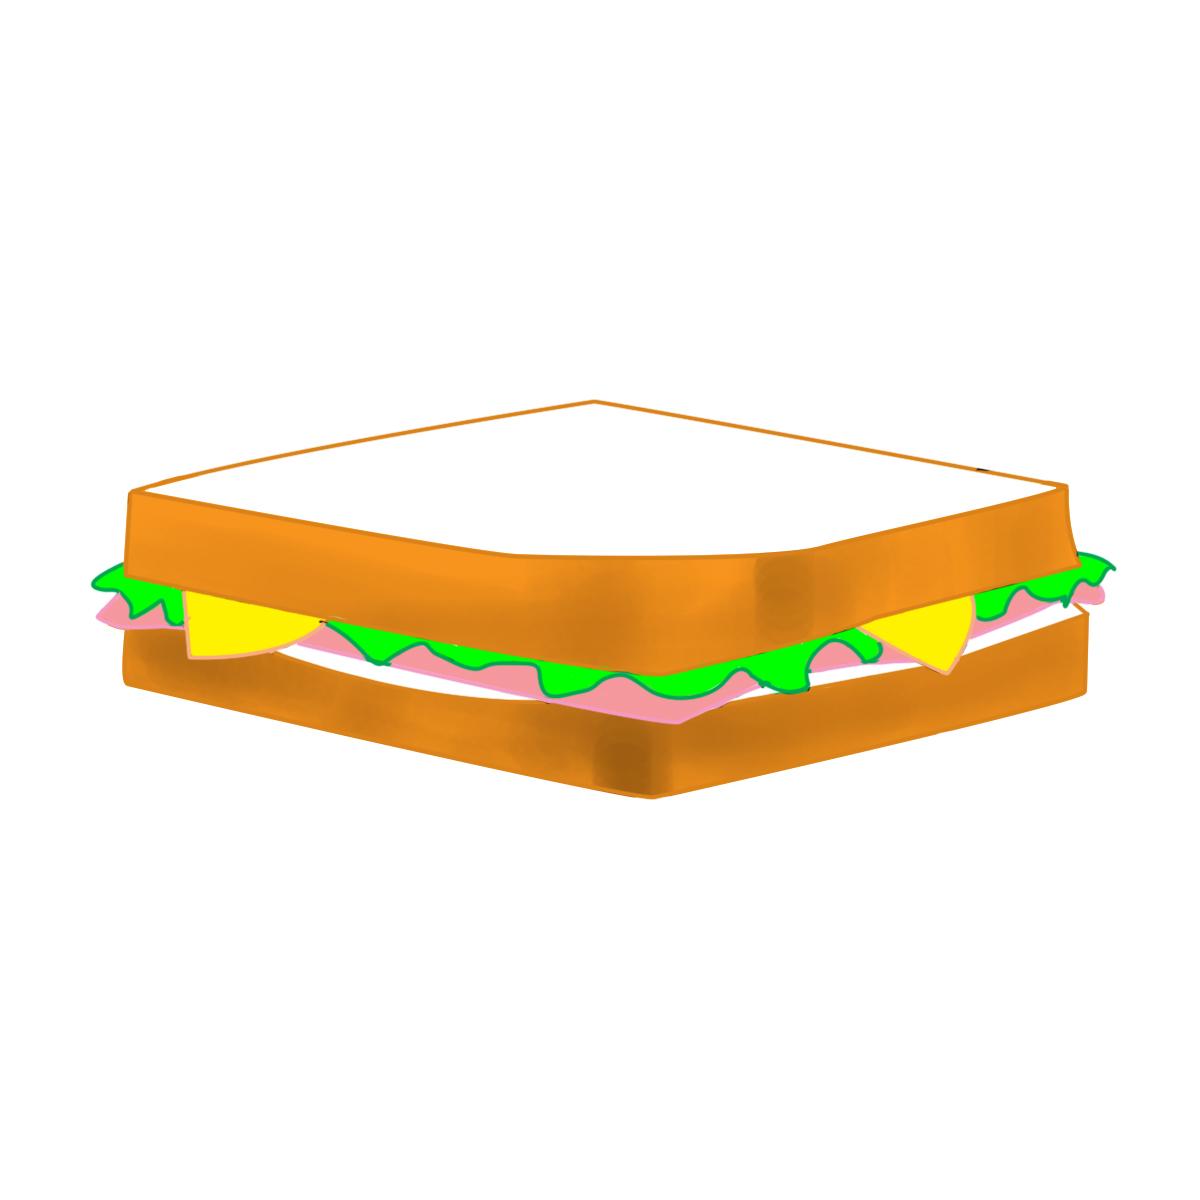 Ham clipart sandwhich Clipart Clipart Panda Sub sub%20sandwich%20drawing